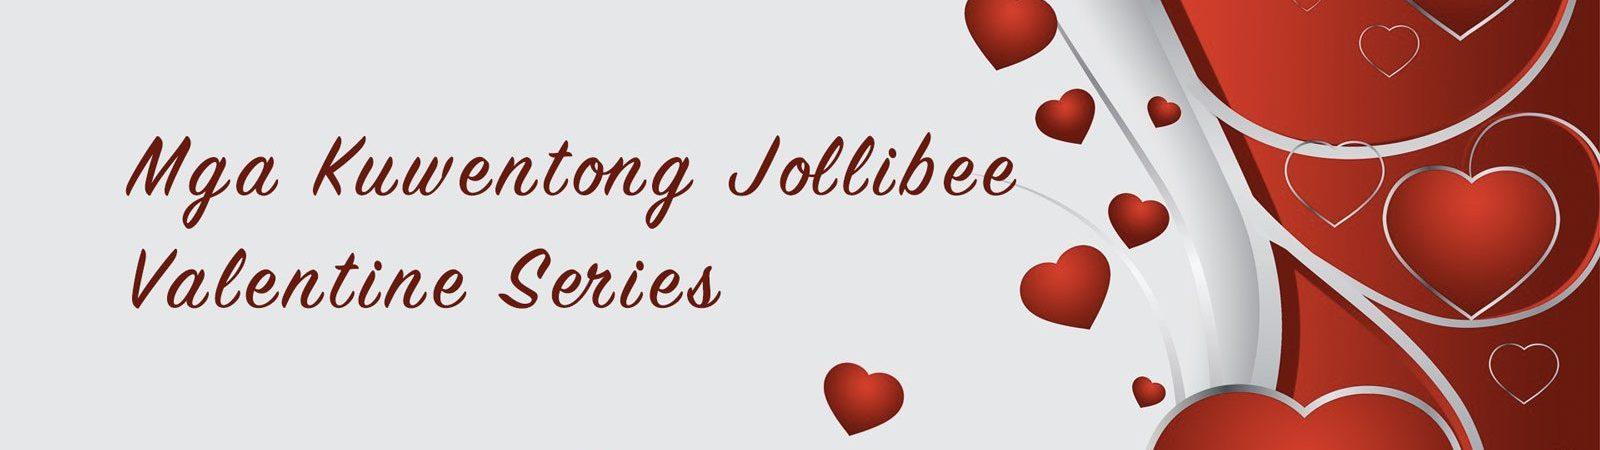 mga kuwentong Jollibee